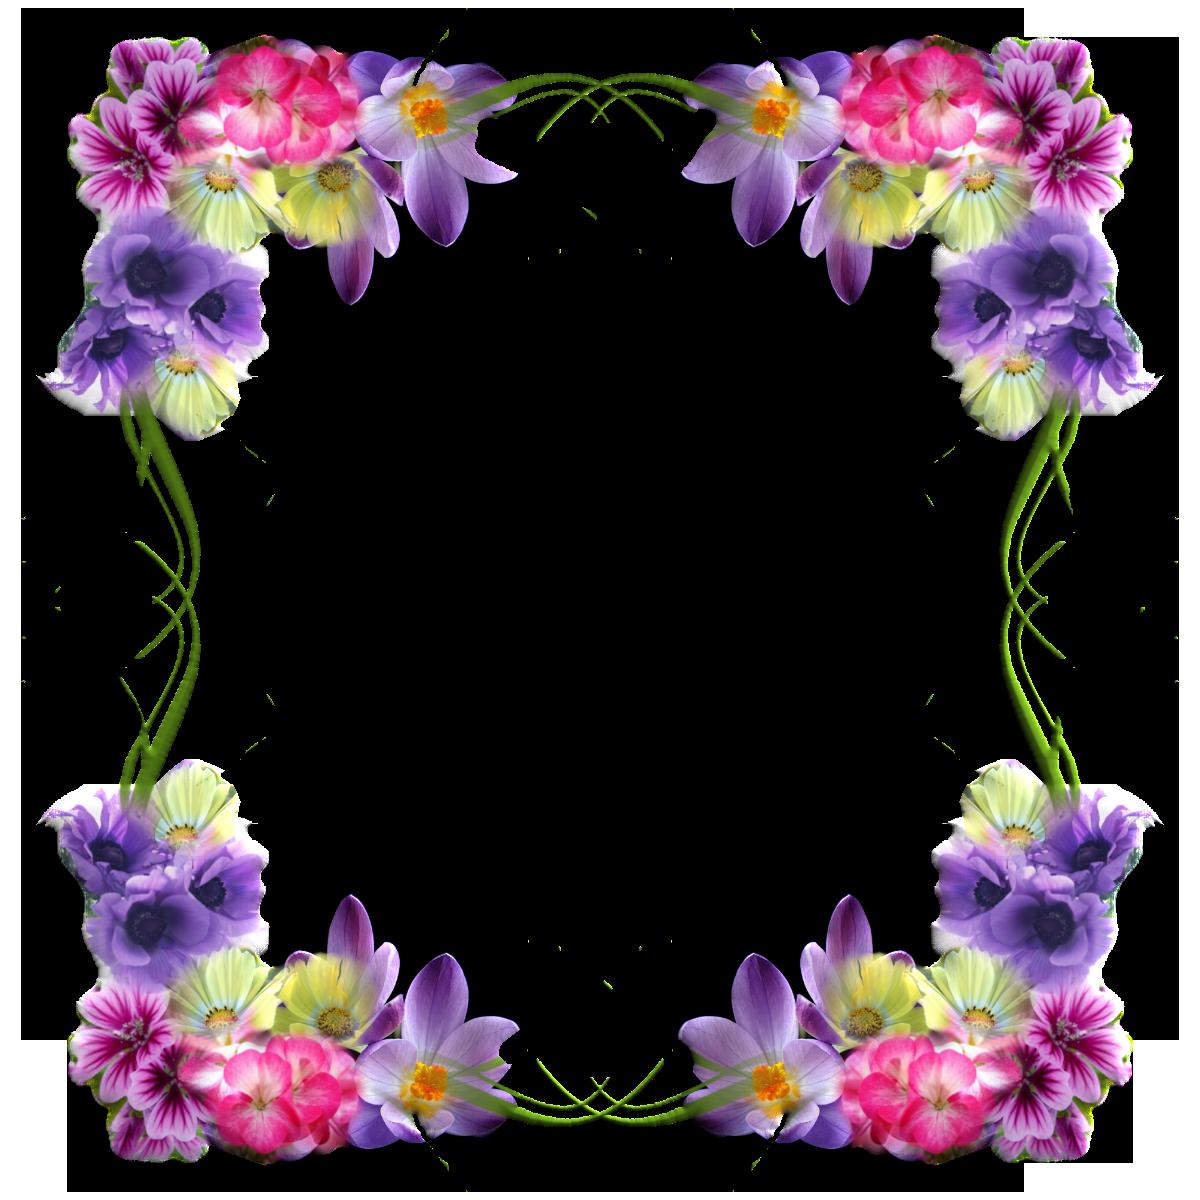 Букетами, картинки в рамке цветы